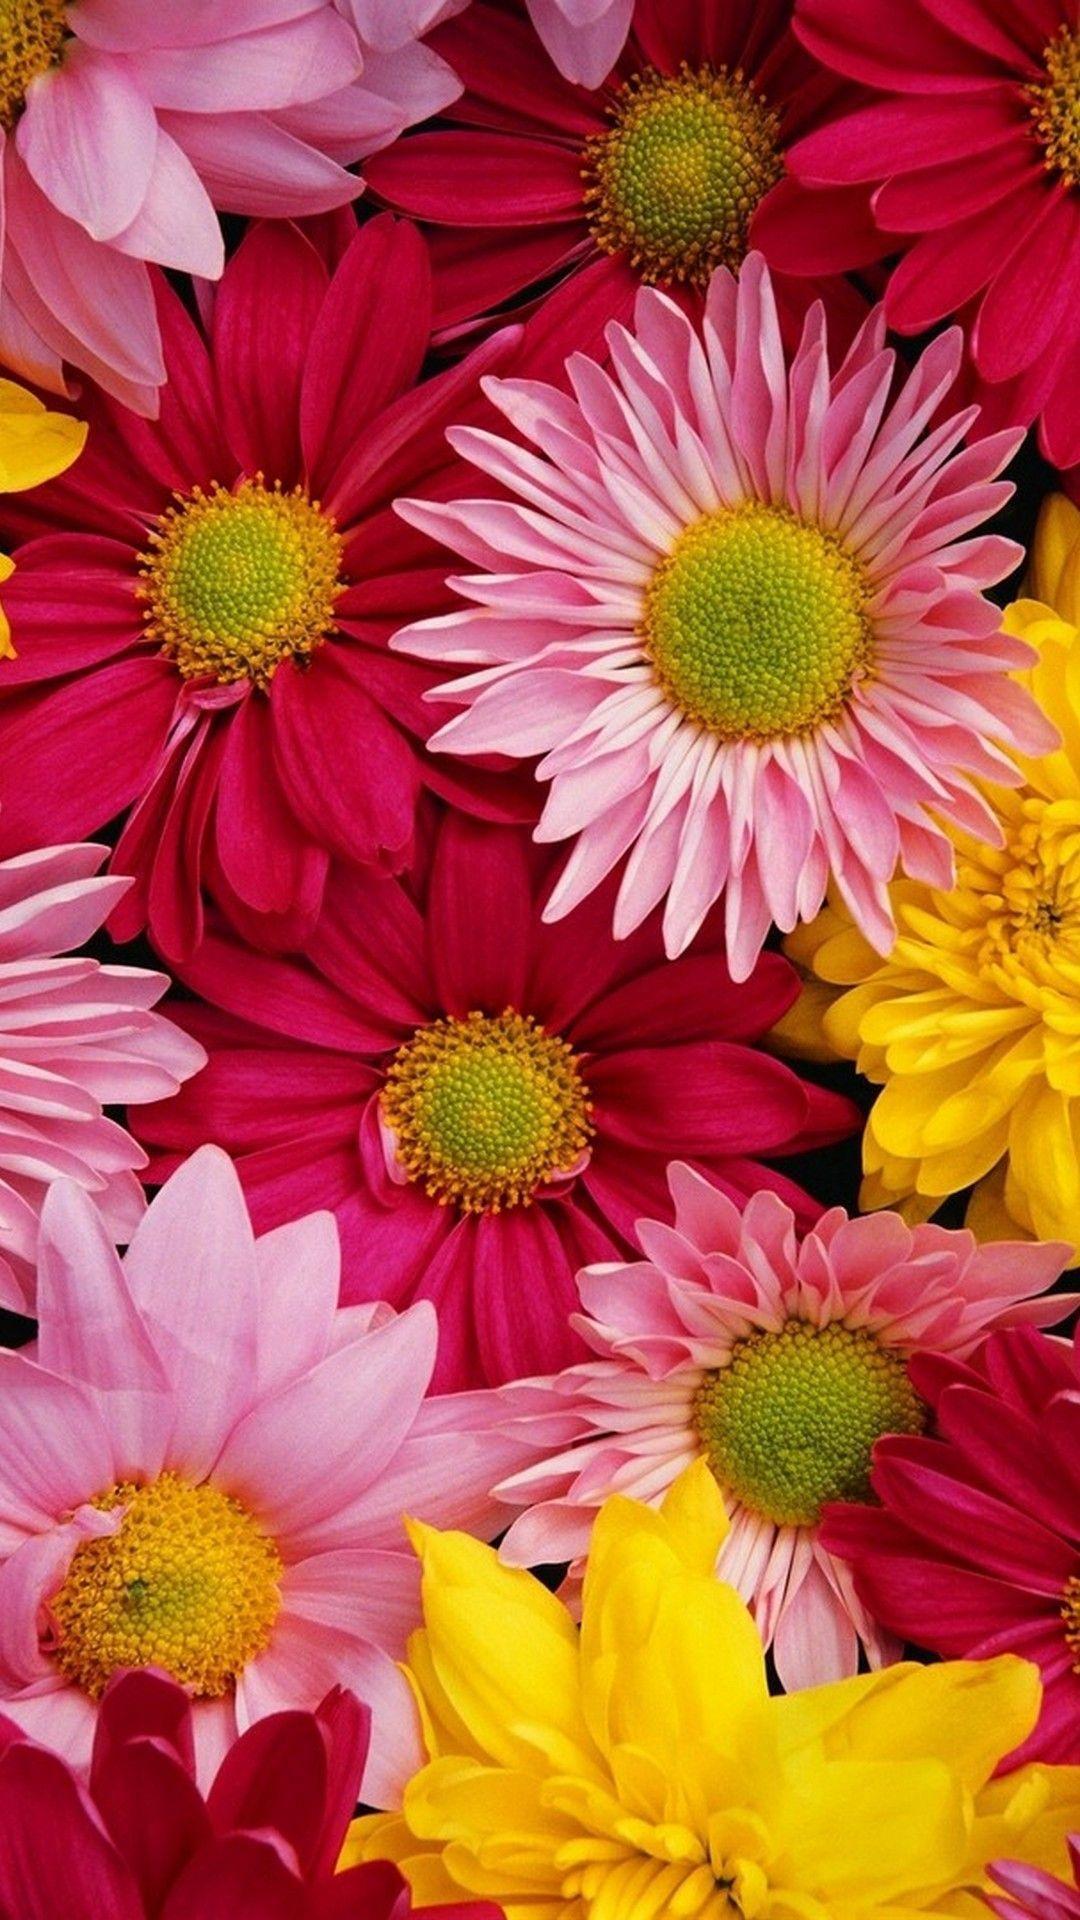 Cute Flower Iphone Wallpapers Top Free Cute Flower Iphone